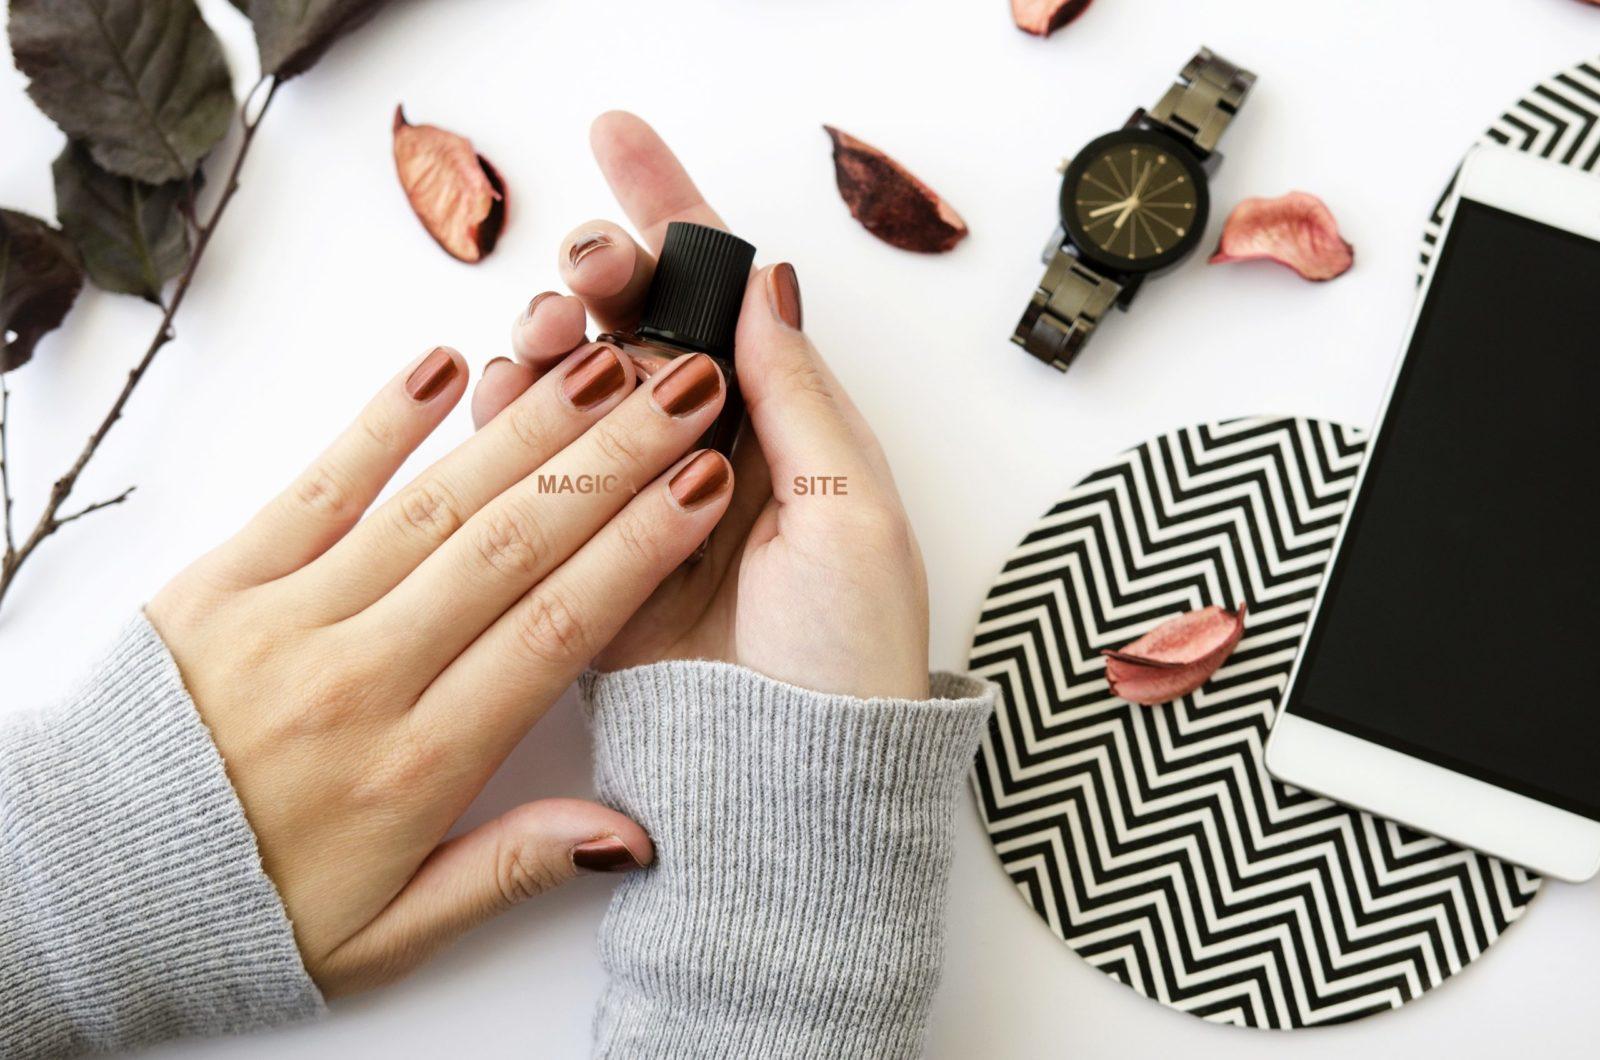 осенний маникюр, бронзовые ногти, металлический маникюр, металлик, шоколадный маникюр, дизайн ногтей, маникюр 2020, голубой свитер